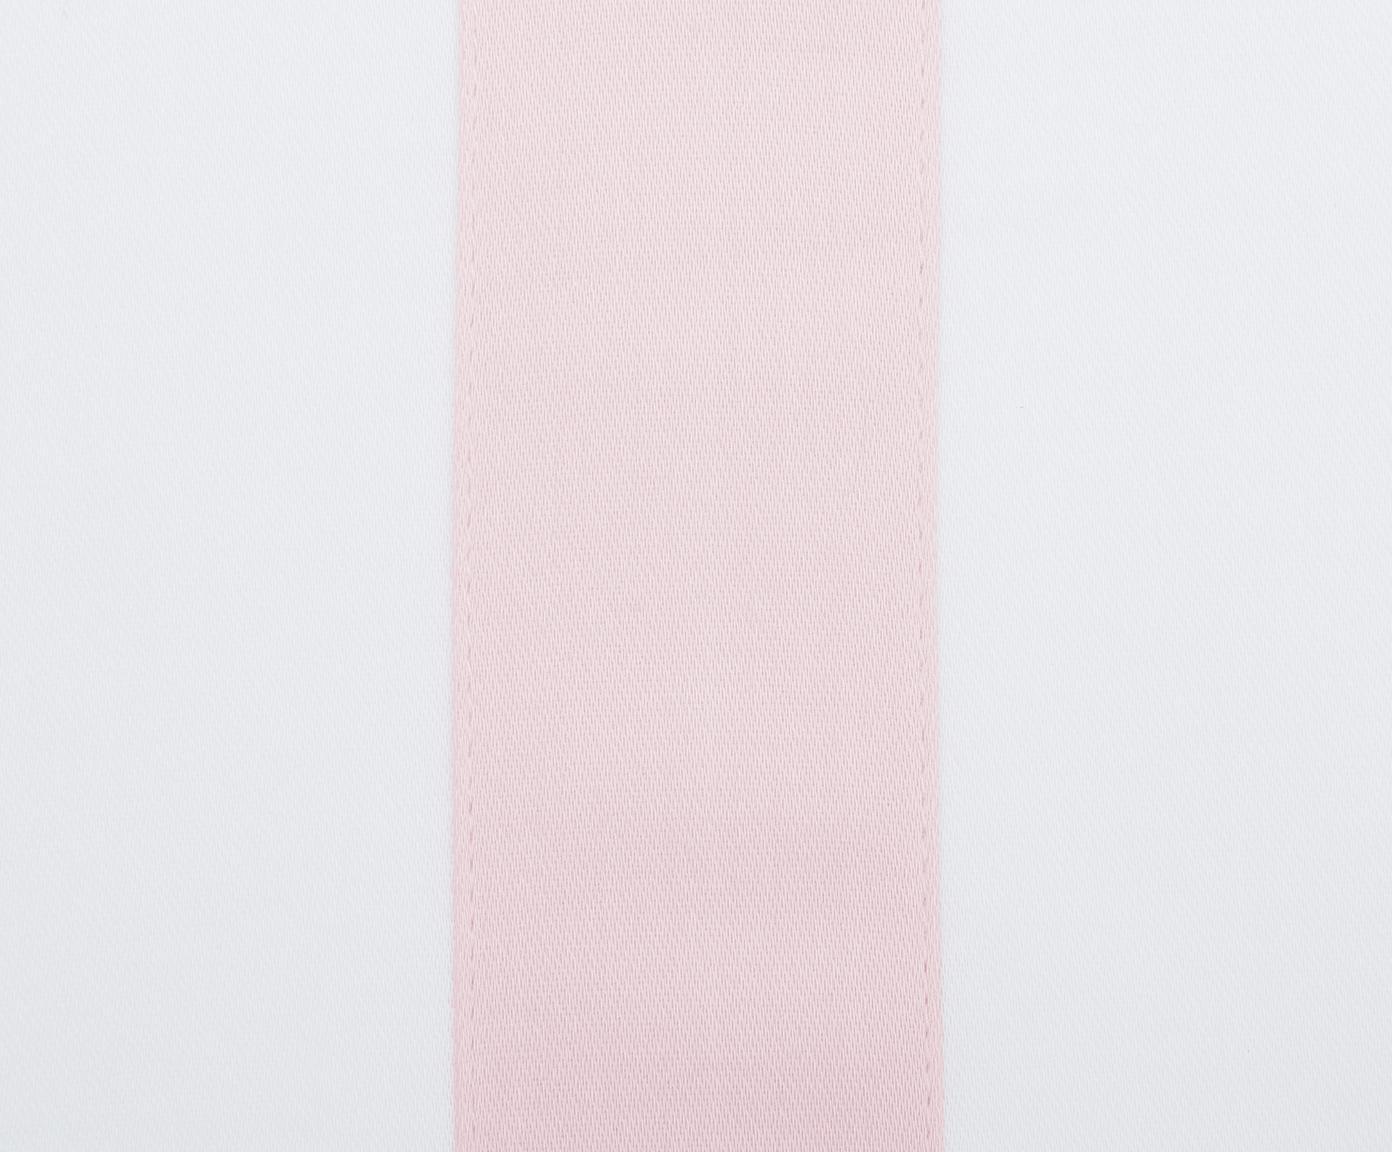 Pościel z satyny bawełnianej Nora, Biały, blady różowy, 240 x 220 cm